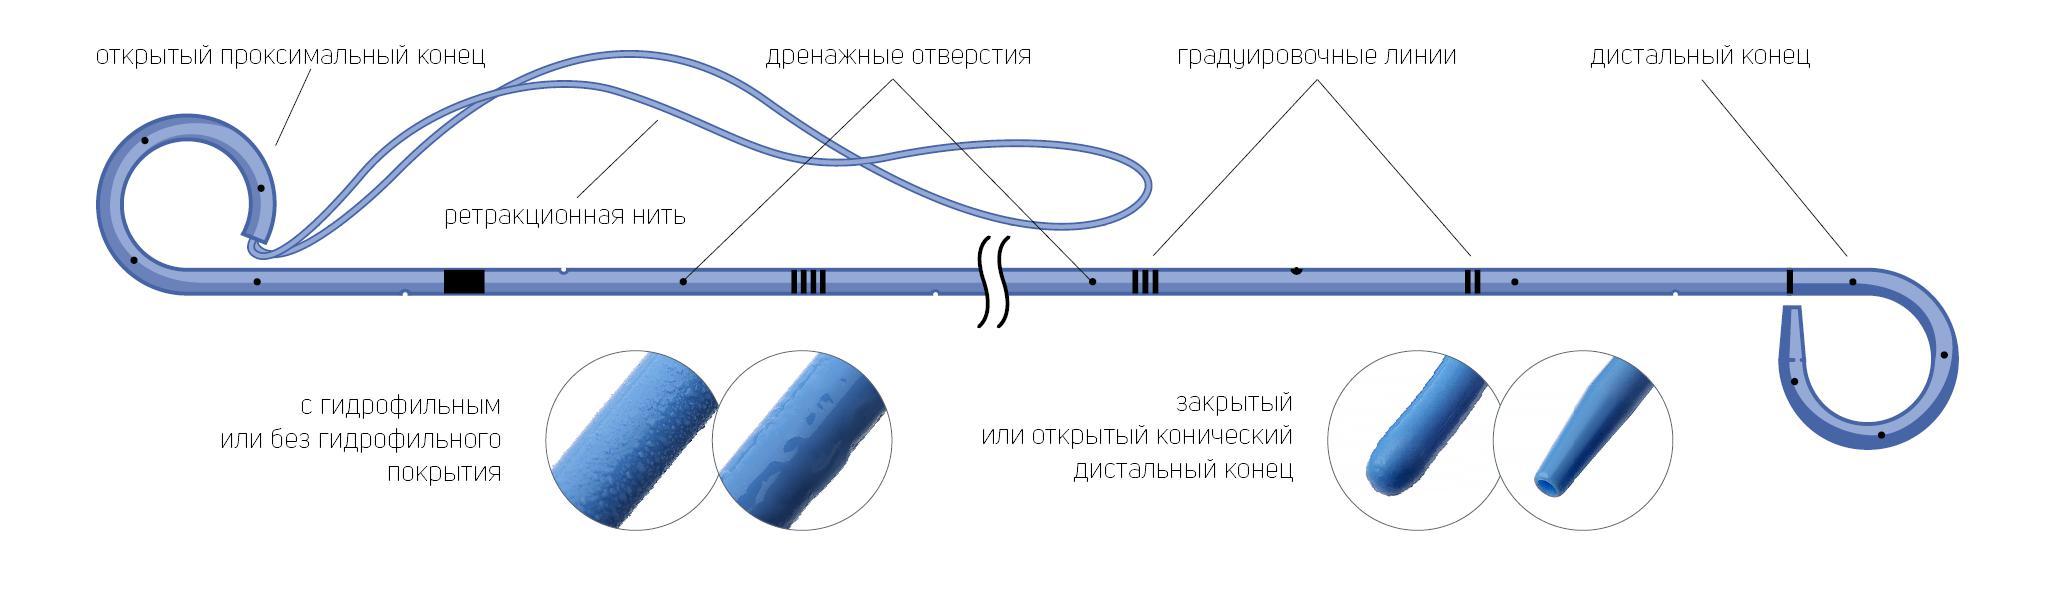 Стент мочеточниковый двухпетлевой с ретракционной нитью